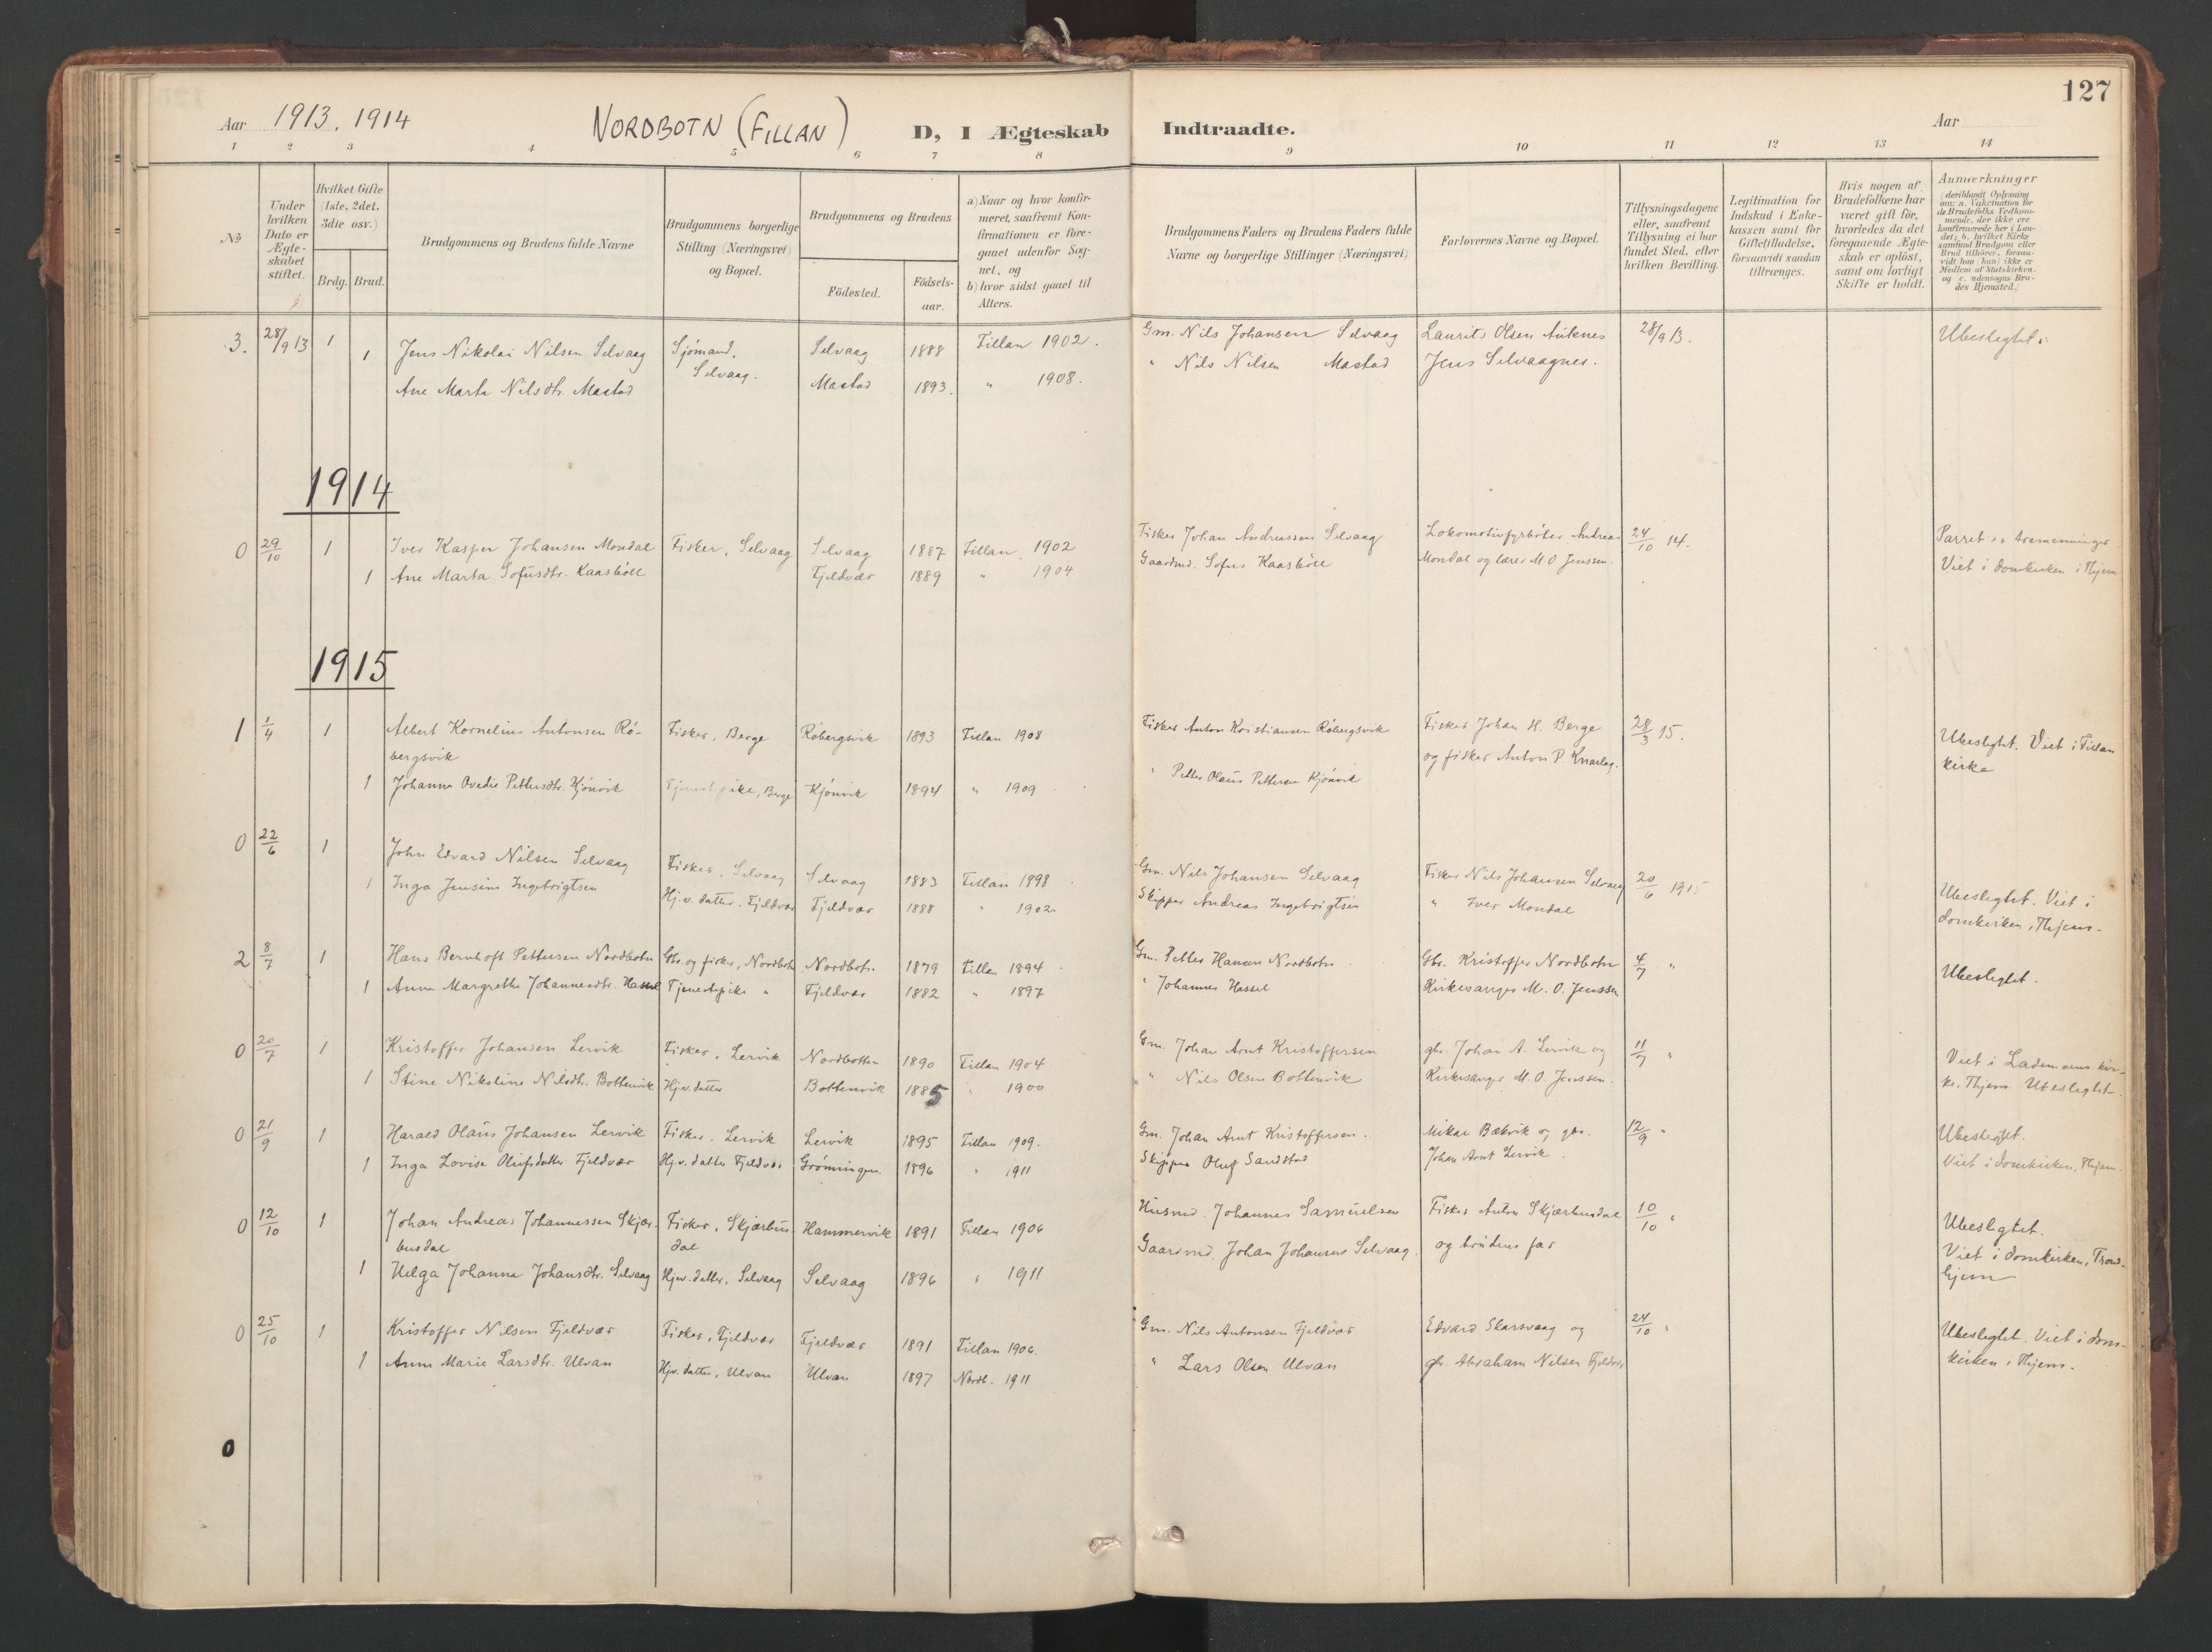 SAT, Ministerialprotokoller, klokkerbøker og fødselsregistre - Sør-Trøndelag, 638/L0568: Ministerialbok nr. 638A01, 1901-1916, s. 127